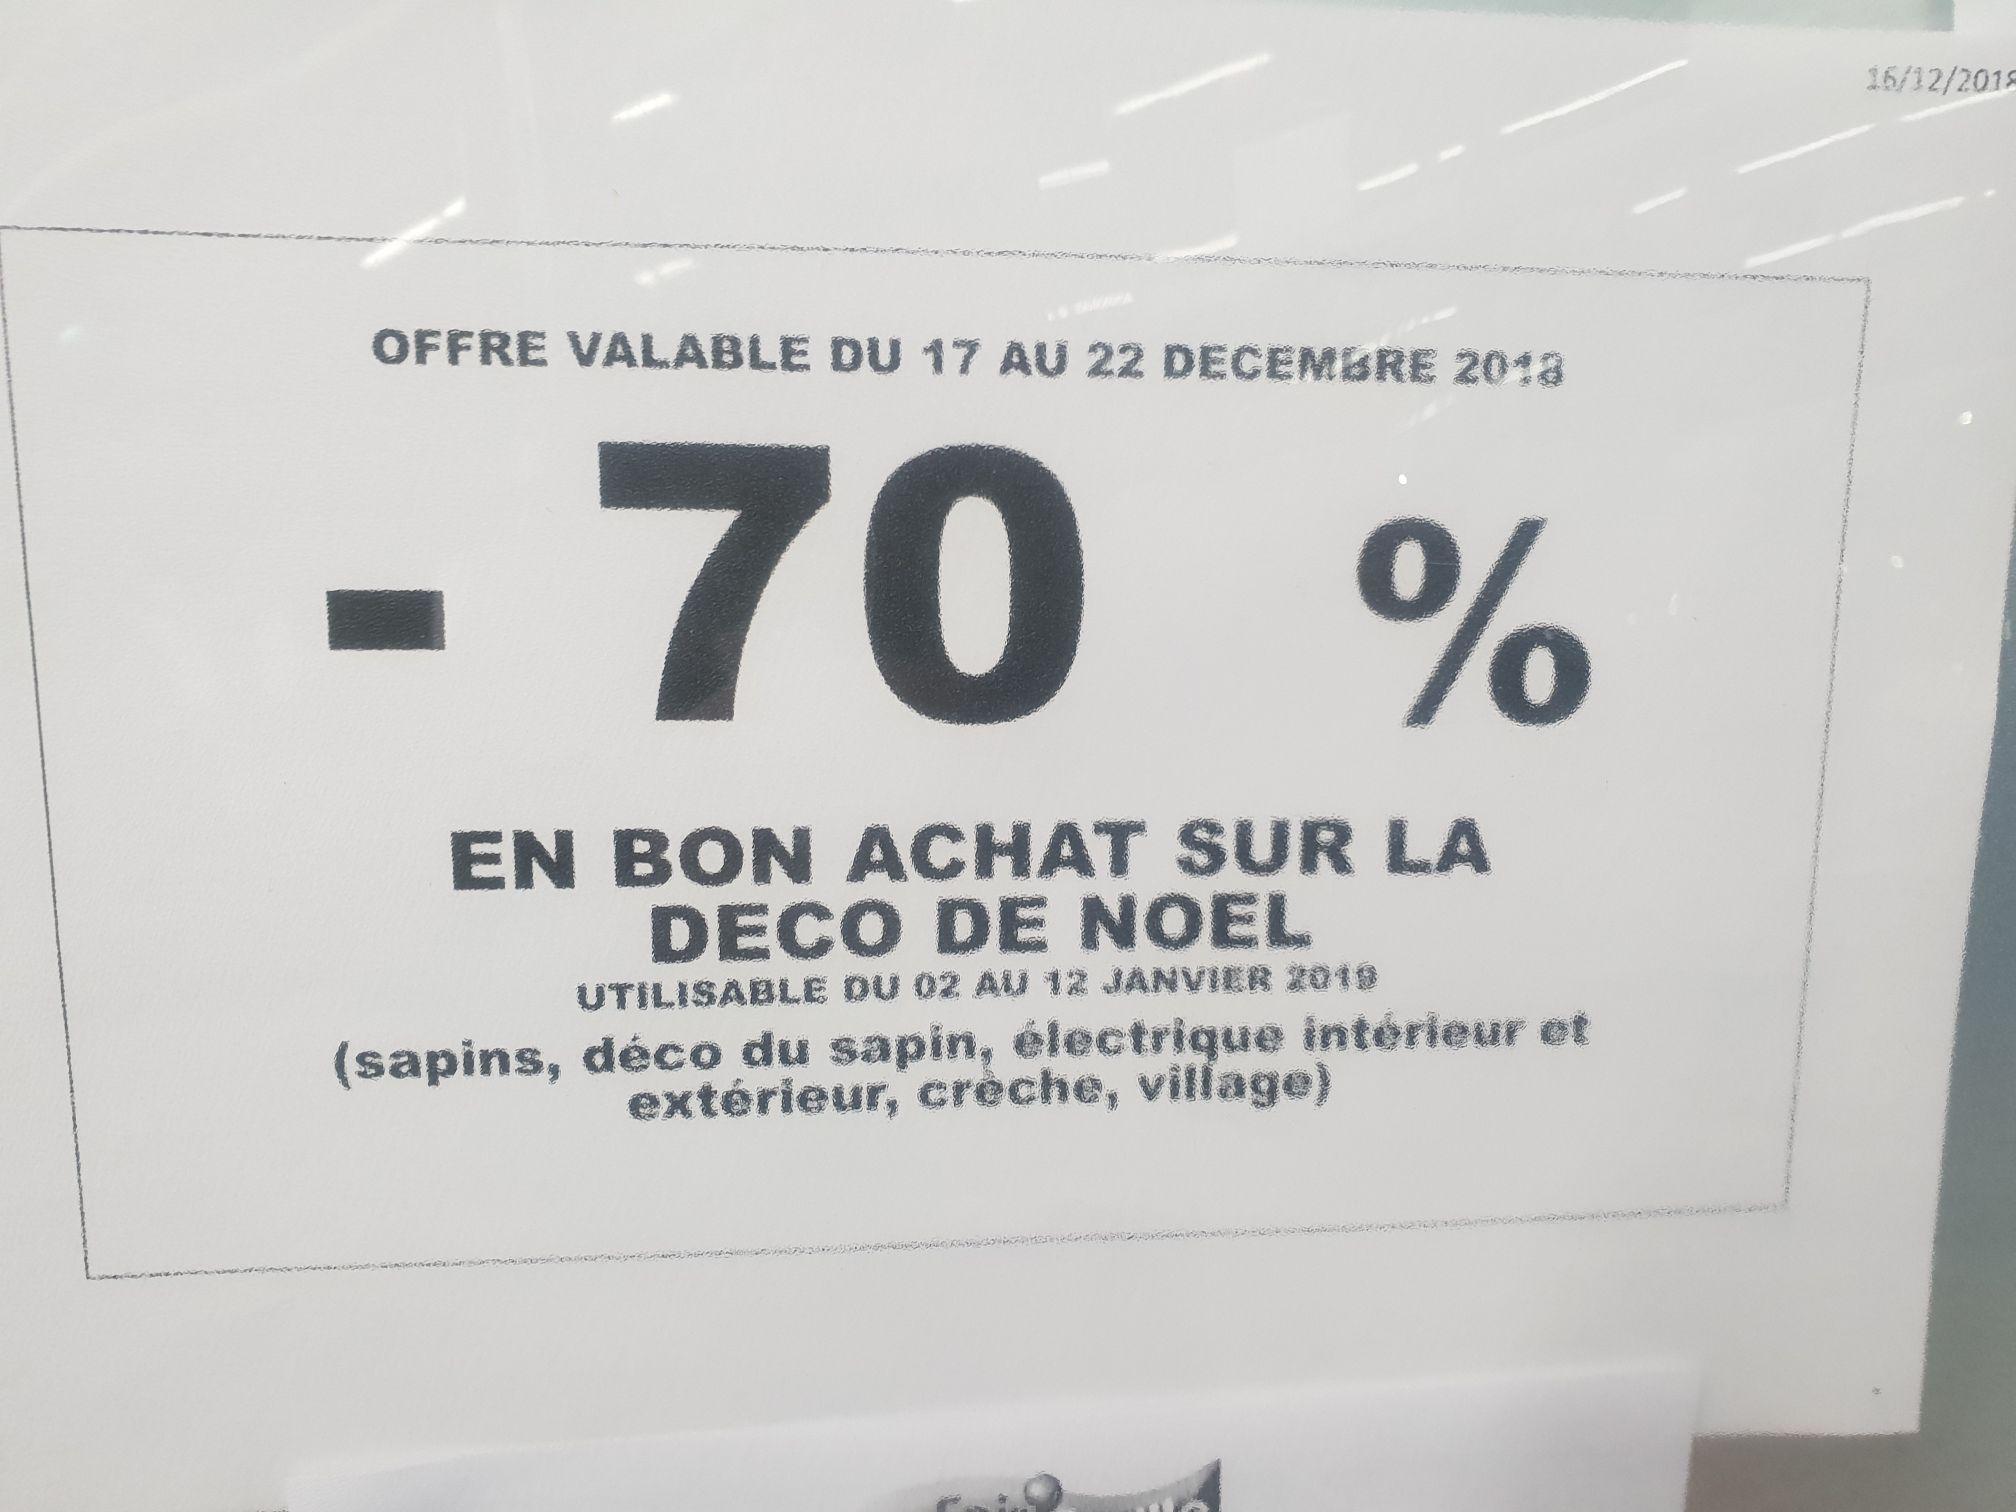 Bons Plans La Foirfouille Deals Pour Mars 2019 Dealabscom